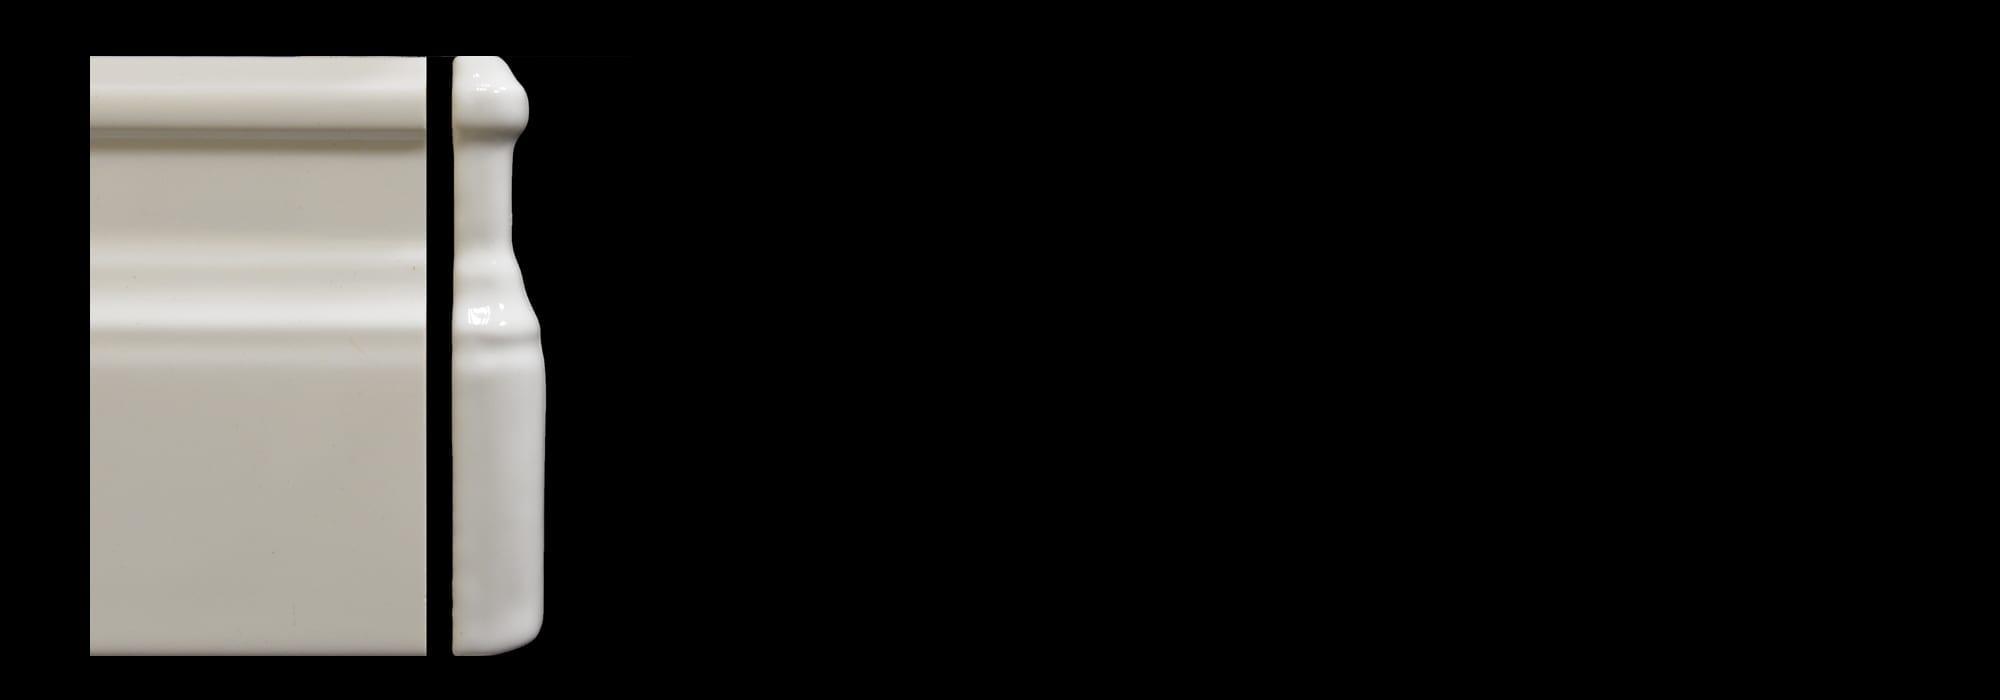 פינה לפנל קרמיקה לבן מבריק (דגם 1) by Milstone